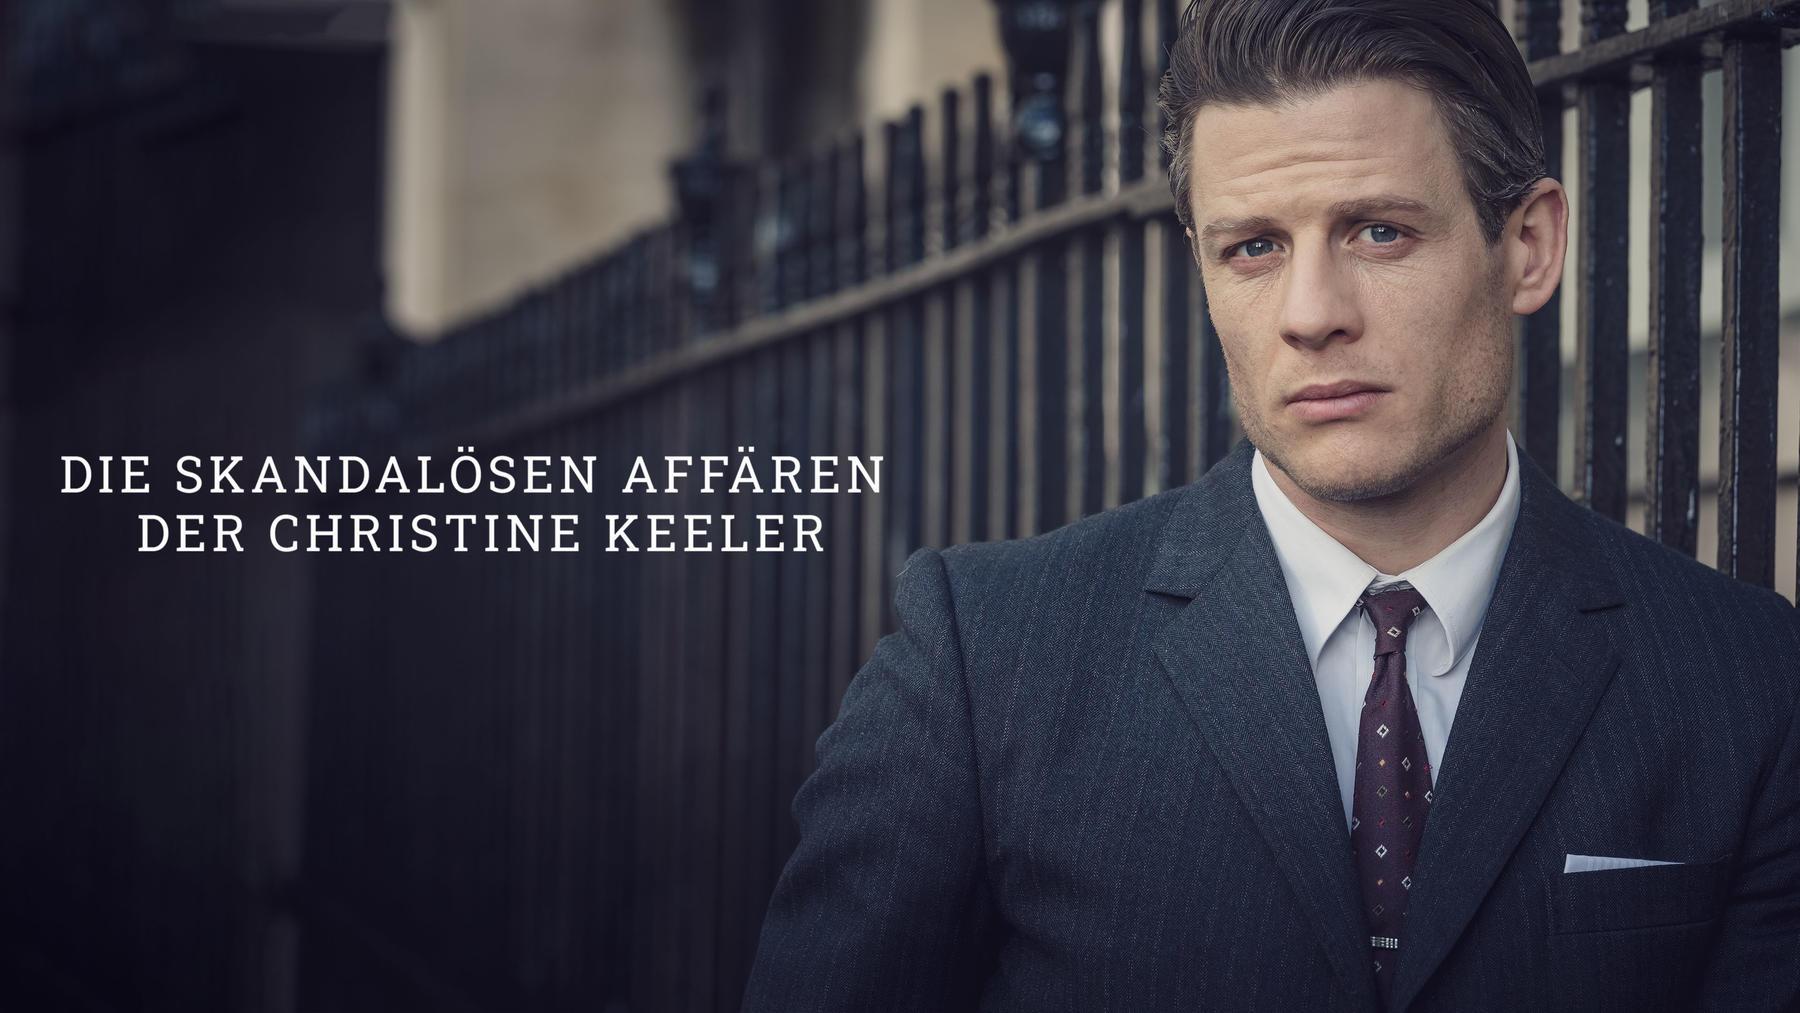 Die skandalösen Affären der Christine Keeler